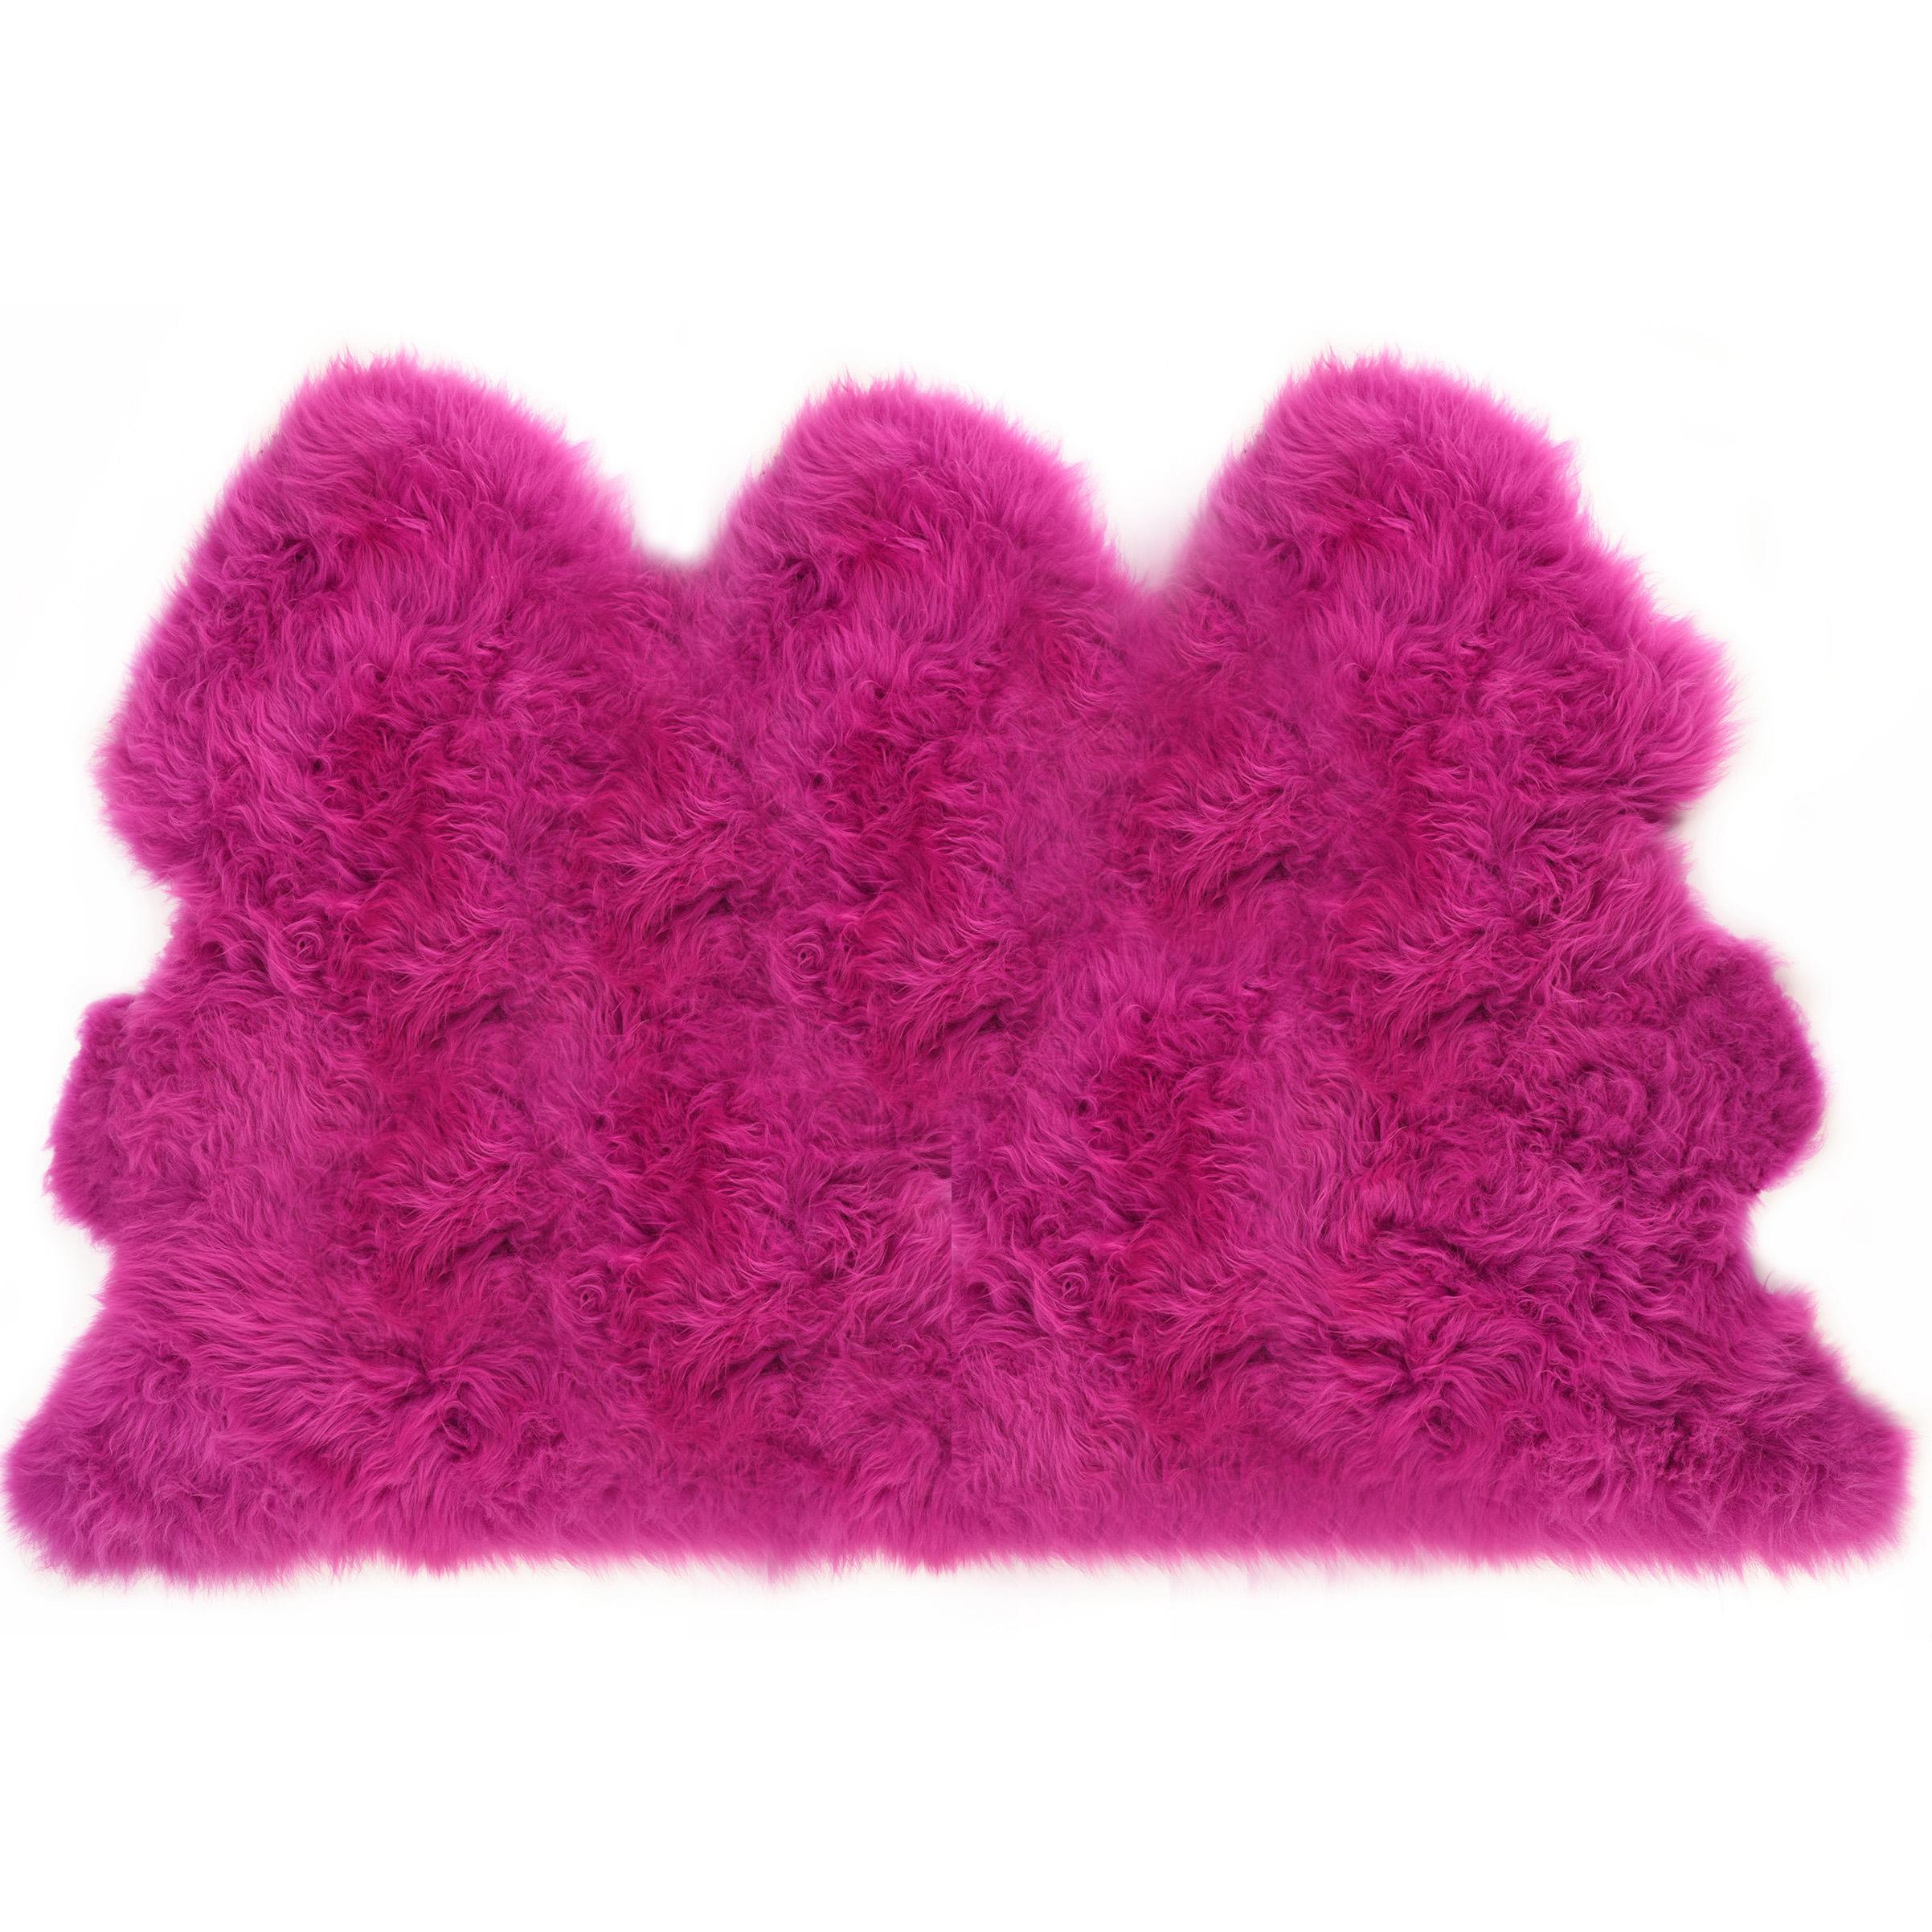 Doux Luxe Rose vif cerise cerise cerise UK D'Origine fait réel peau de mouton Tapis masquer Pelt   Boutique En Ligne  402732